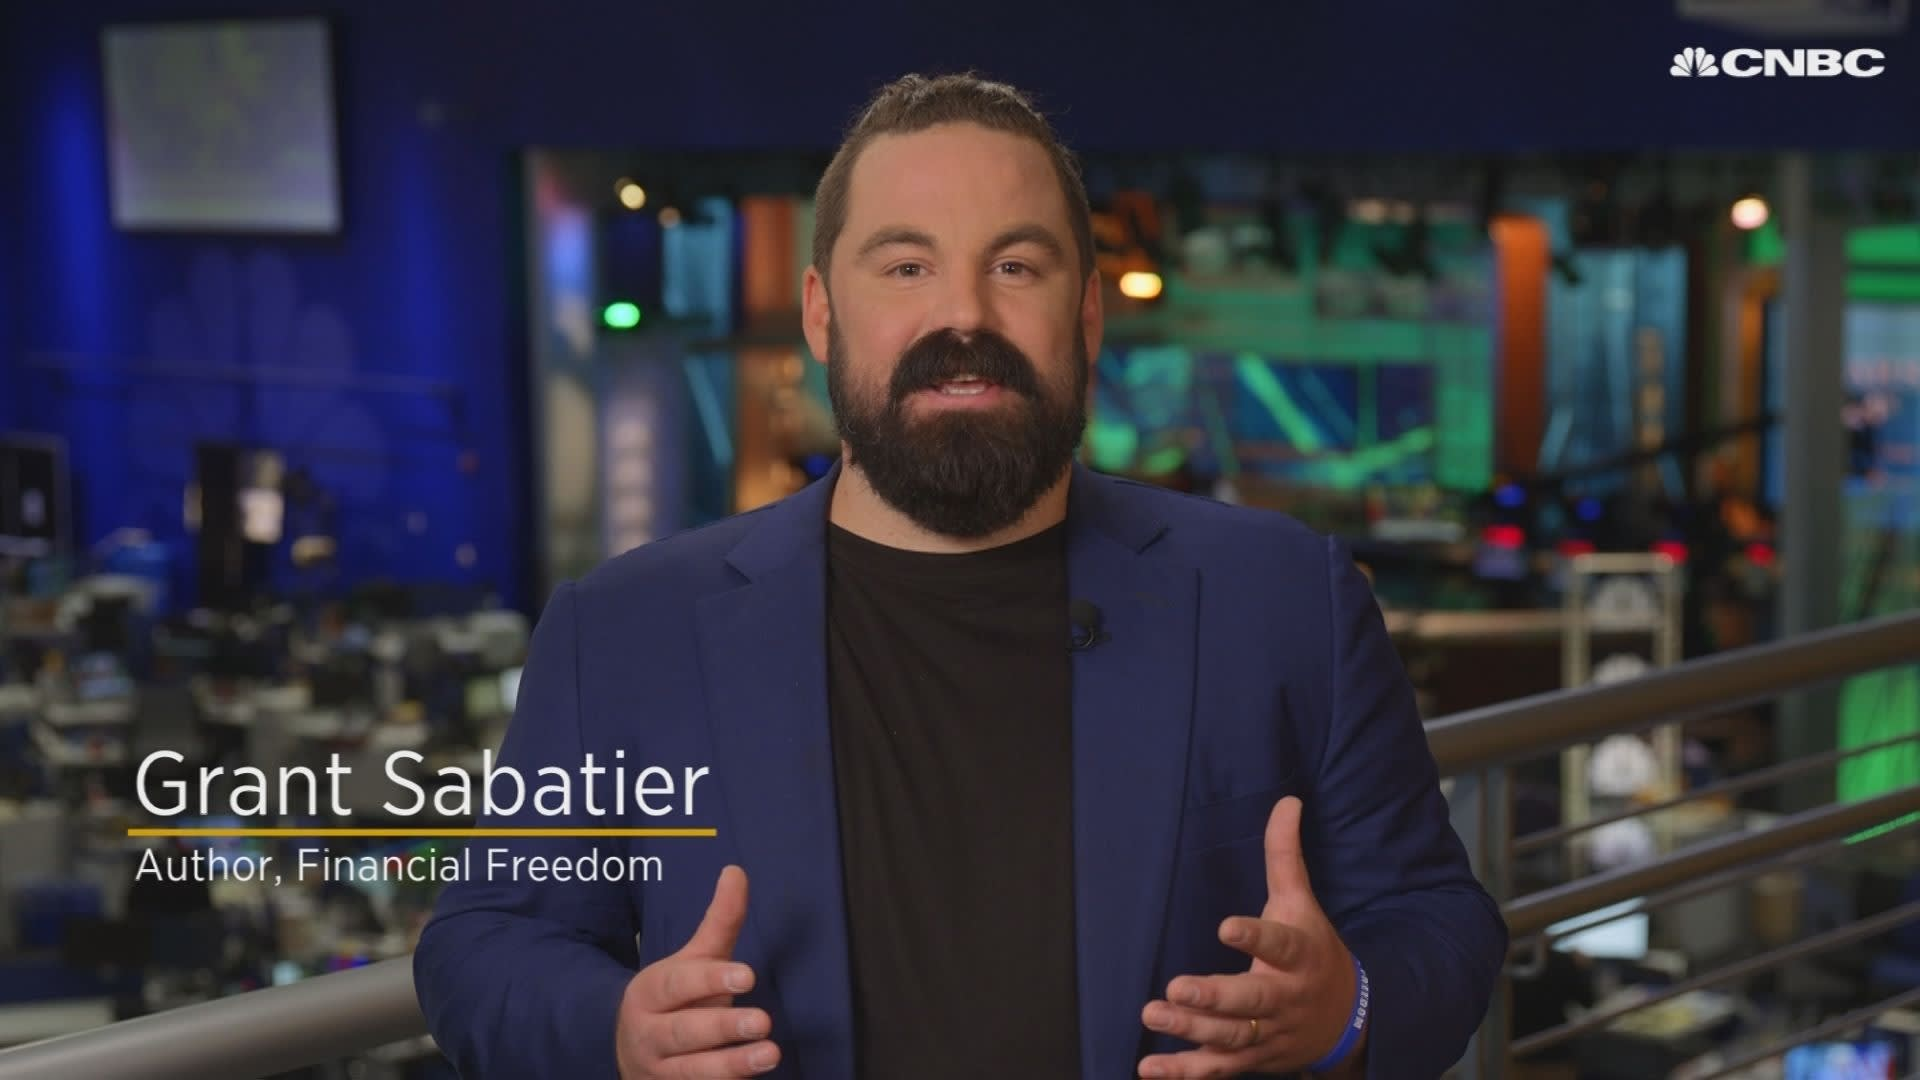 Grant Sabatier